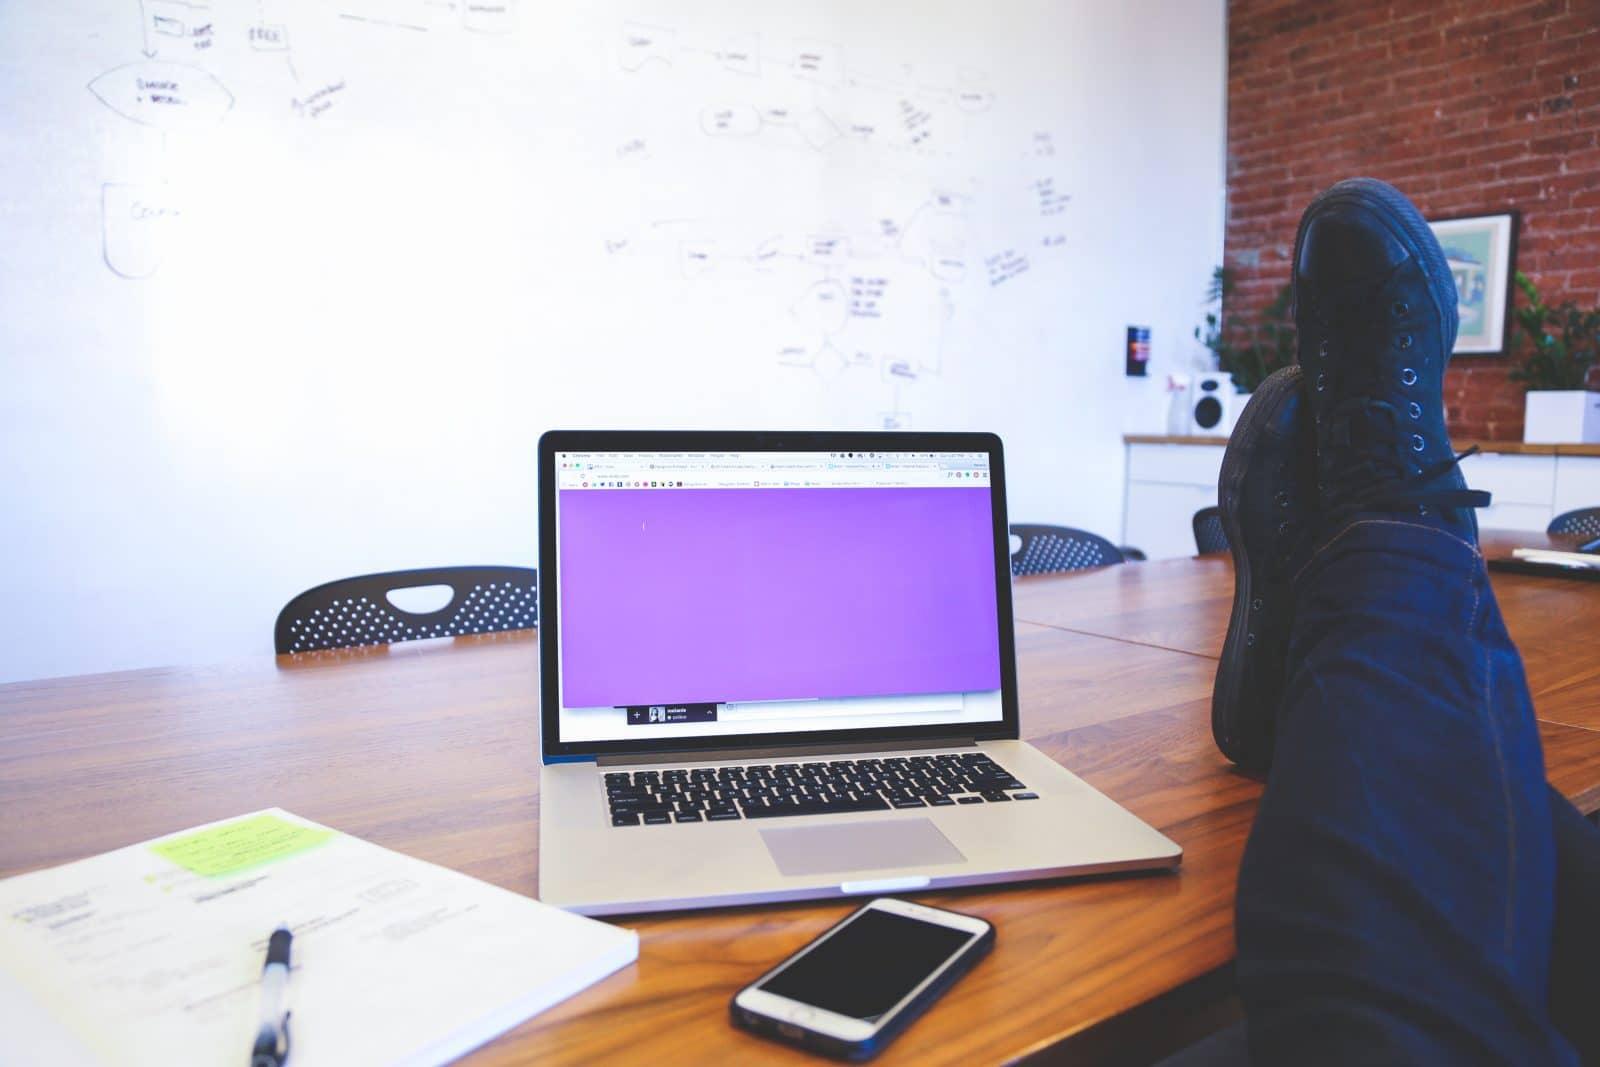 computer-work-desk